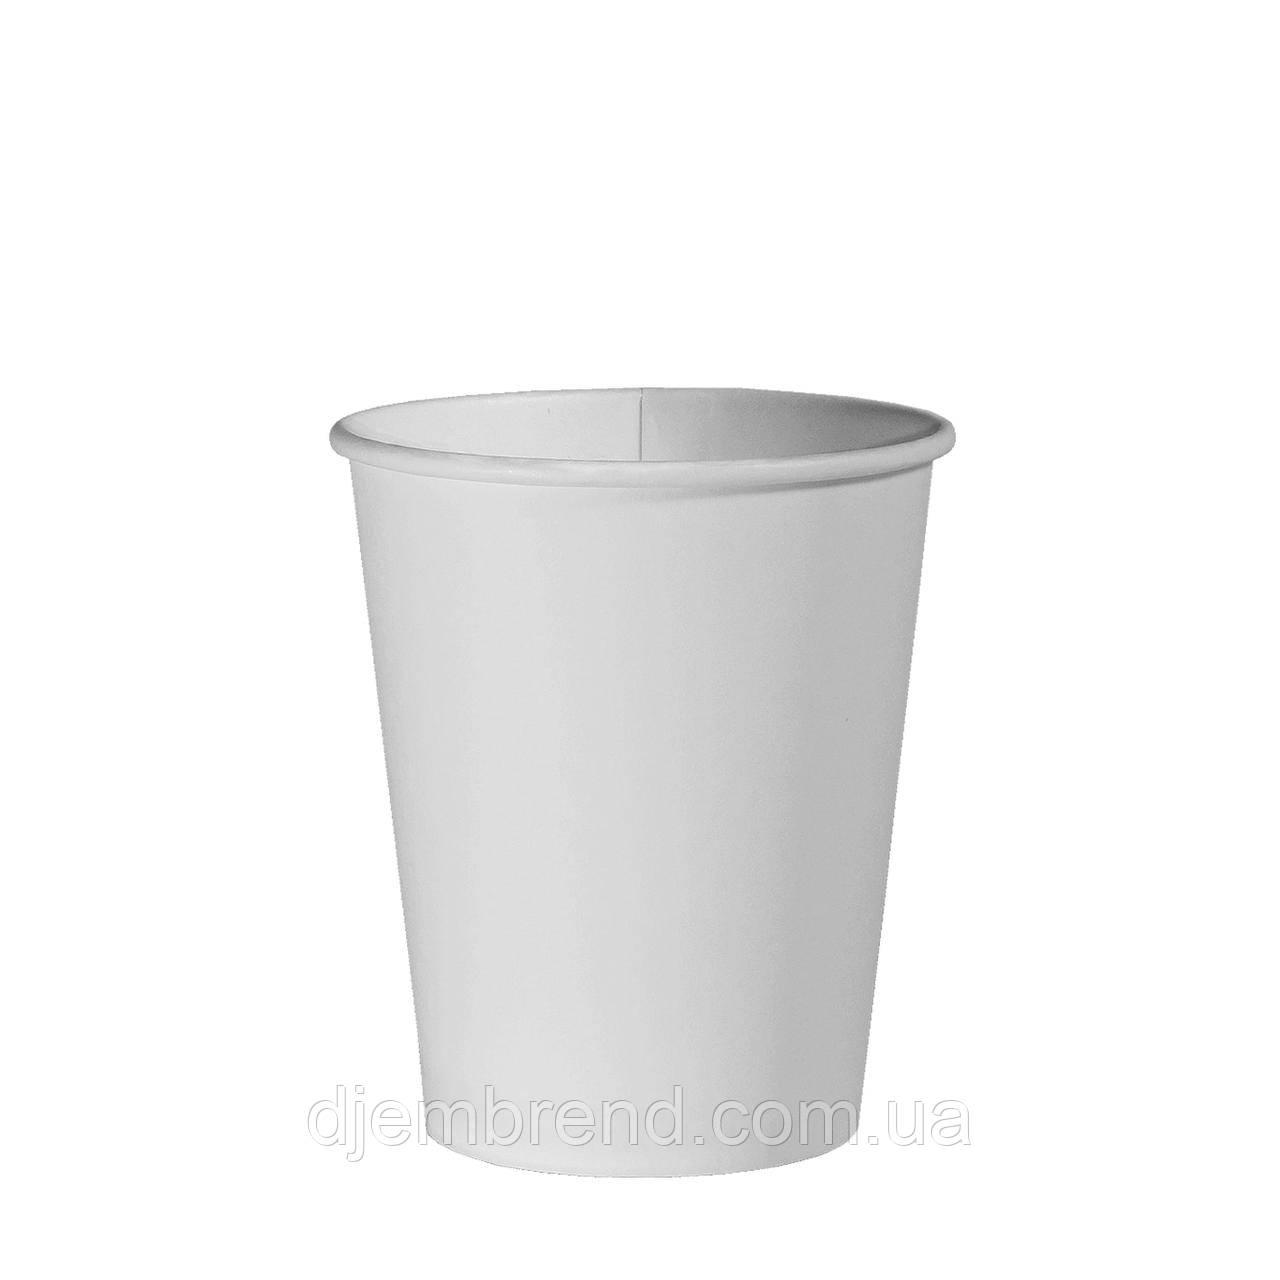 Стакан бумажный Белый 300мл. 50шт/уп (1ящ/20уп/1000шт) (КР80)